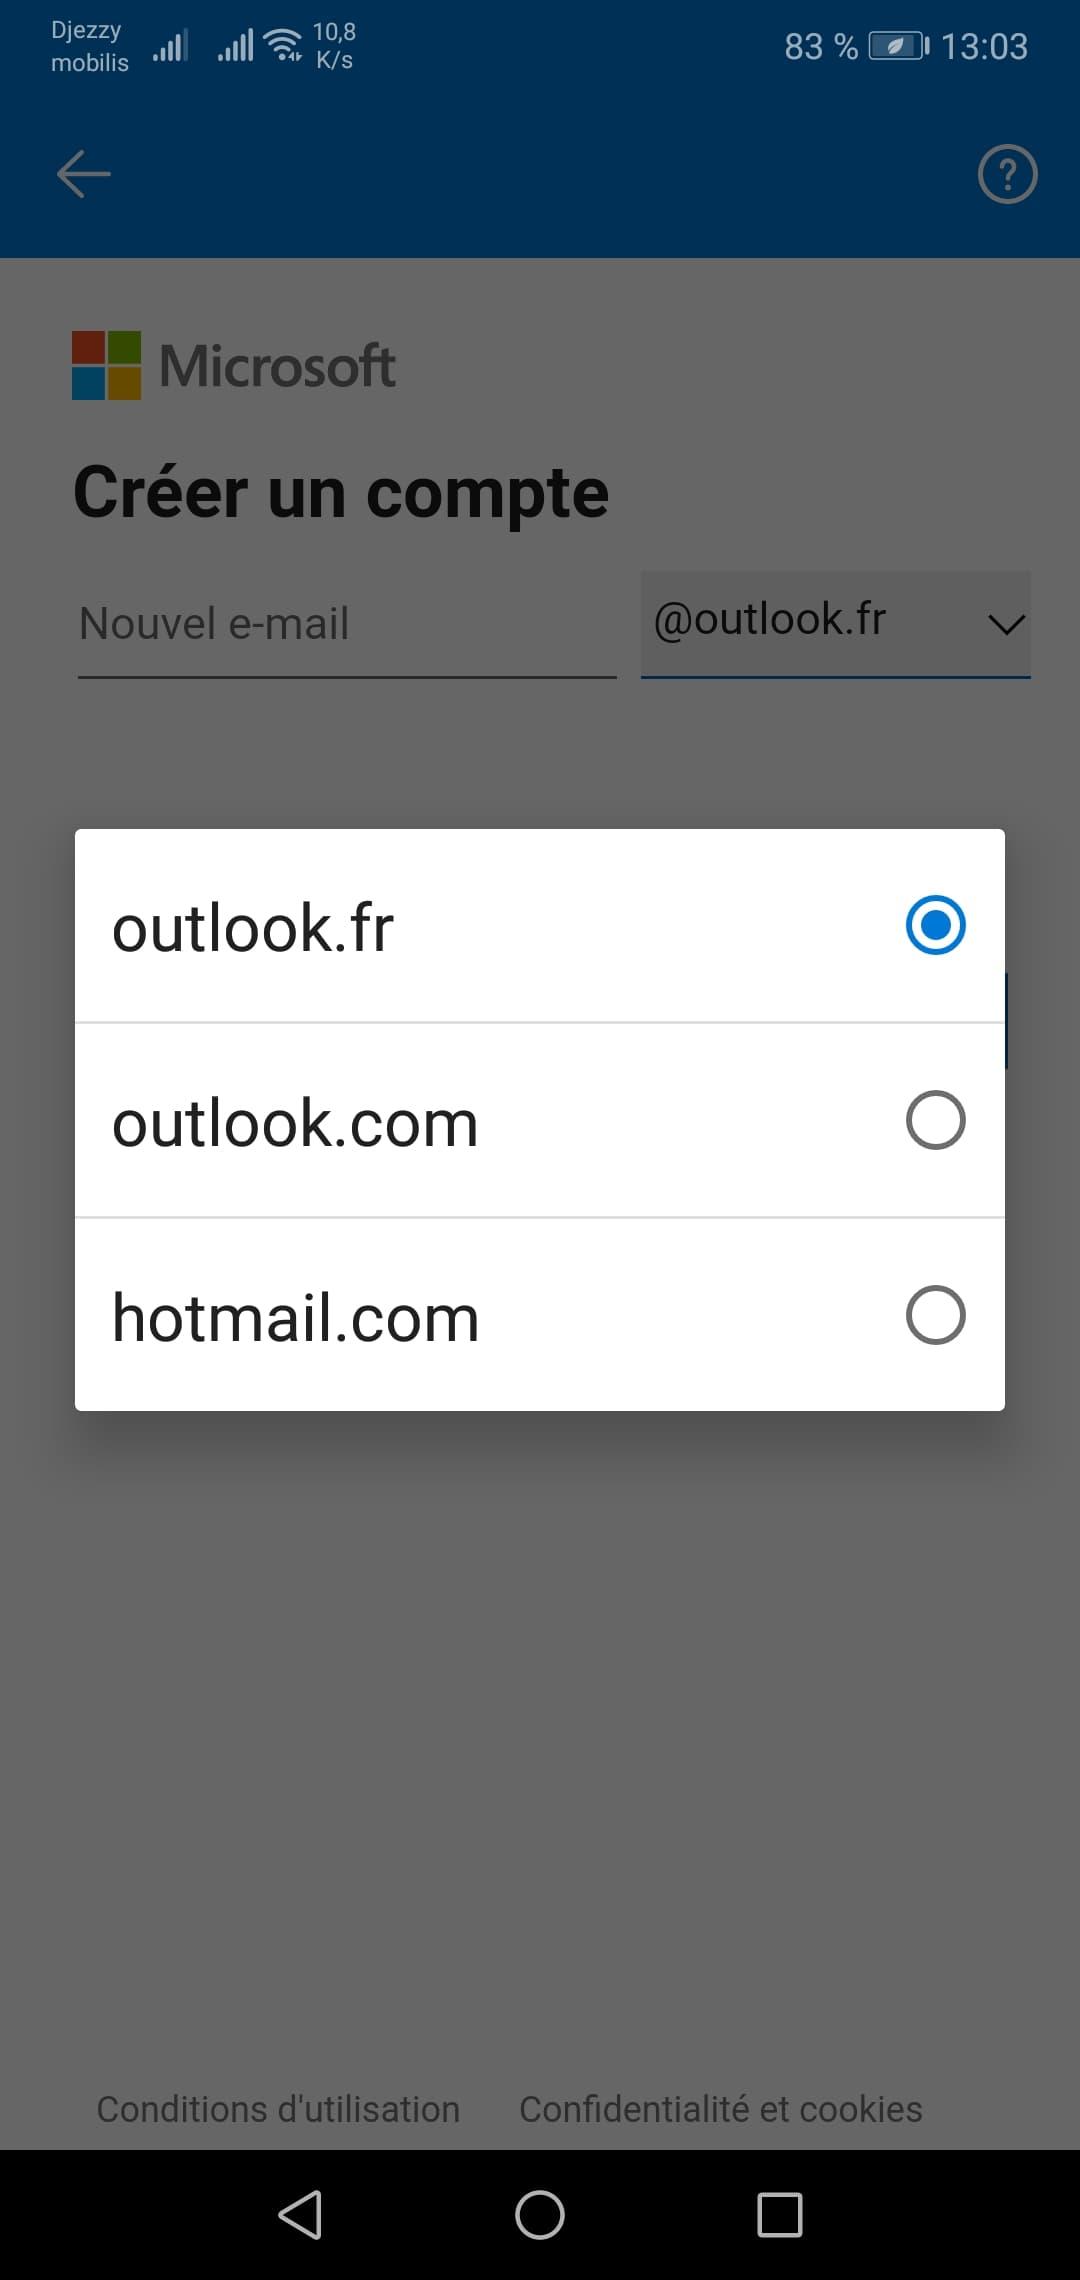 حساب هوتميل عن طريق الجوال الأختيار حسب اسم النطاق